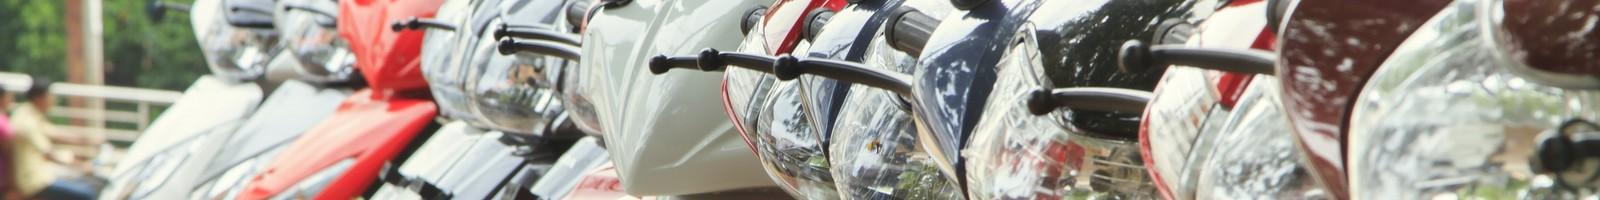 Le marché français des deux-roues devient le plus dynamique sur le Vieux Continent